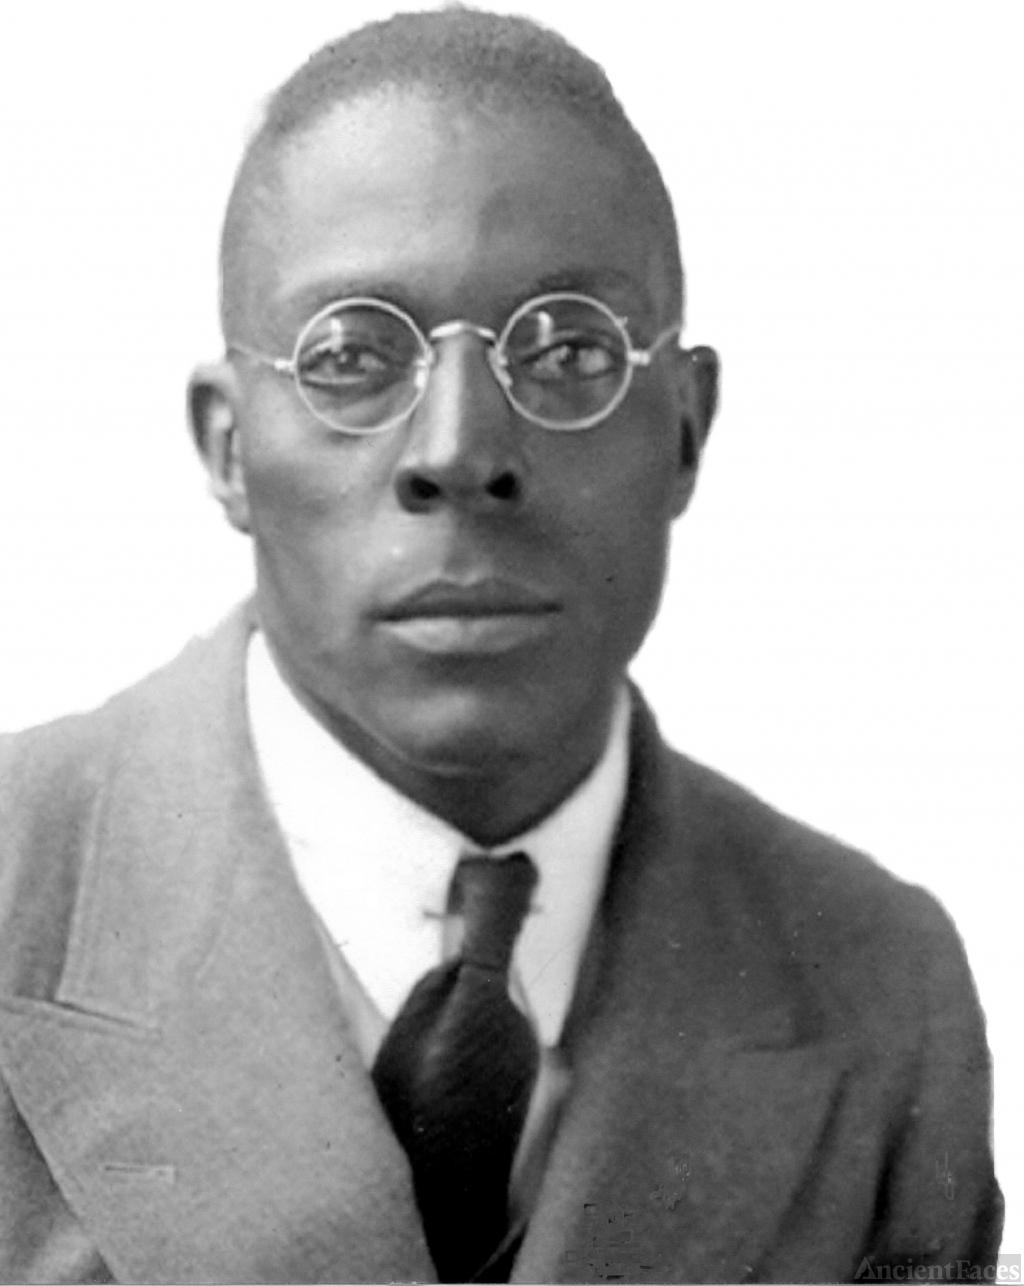 Dillard Cox